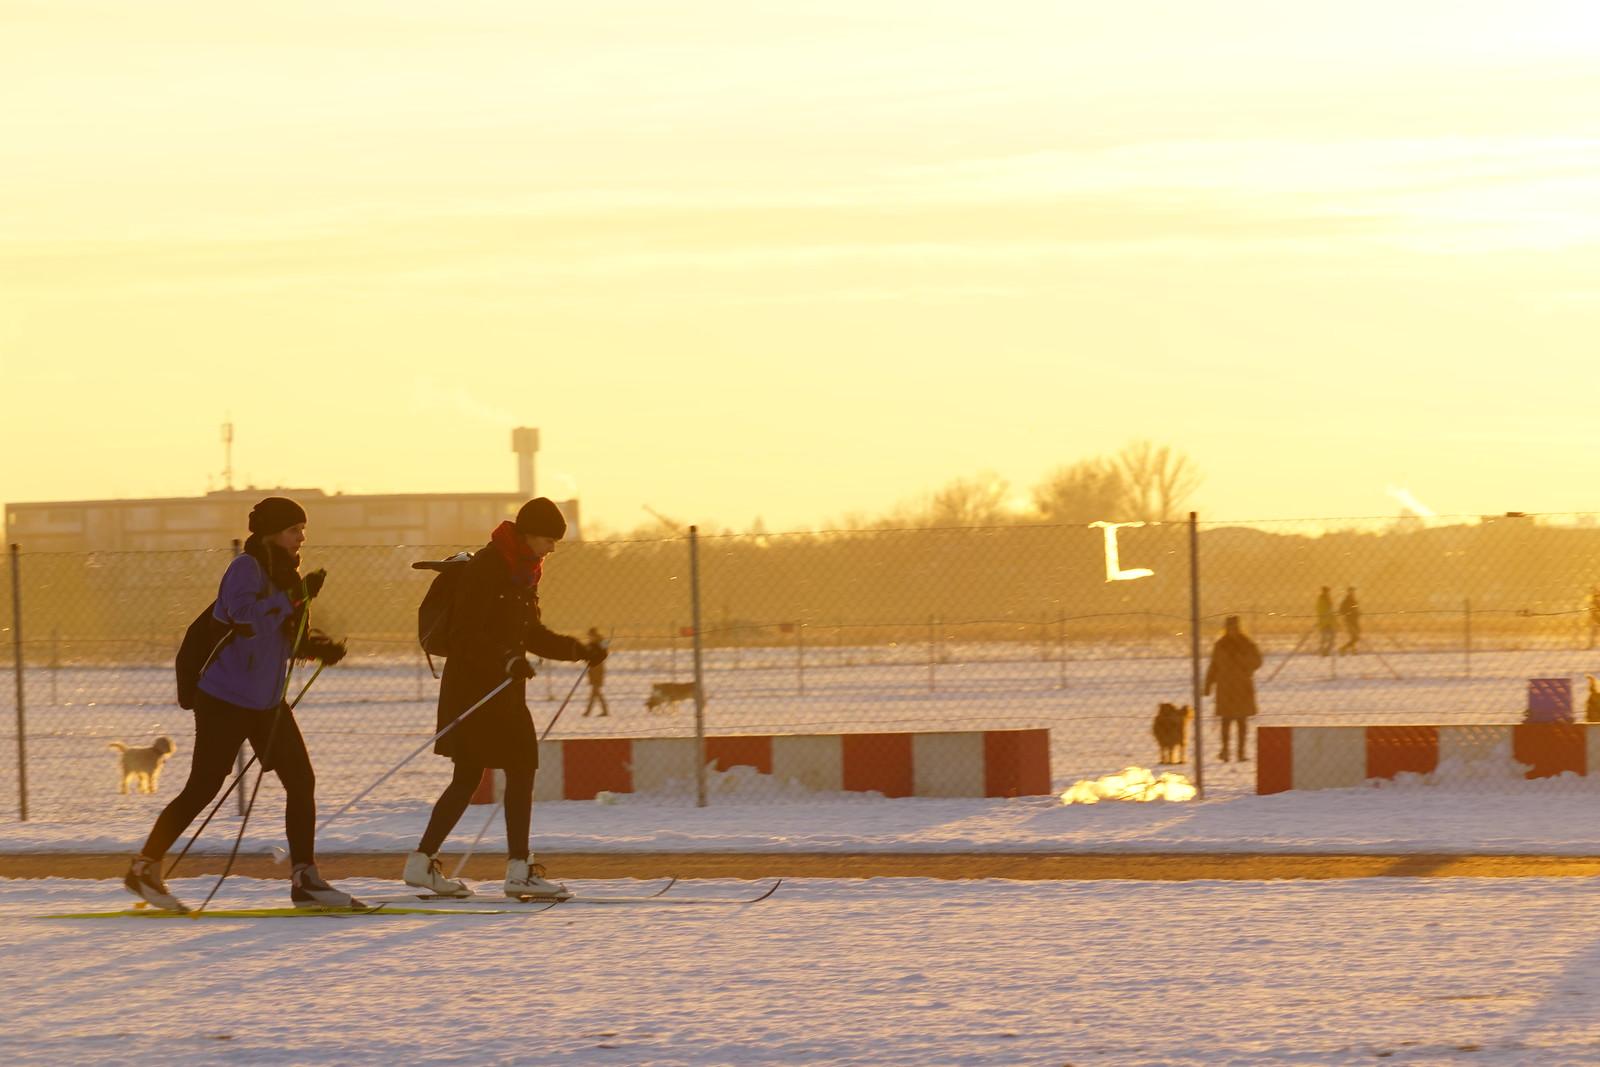 Langlauf Berlin Tempelhof